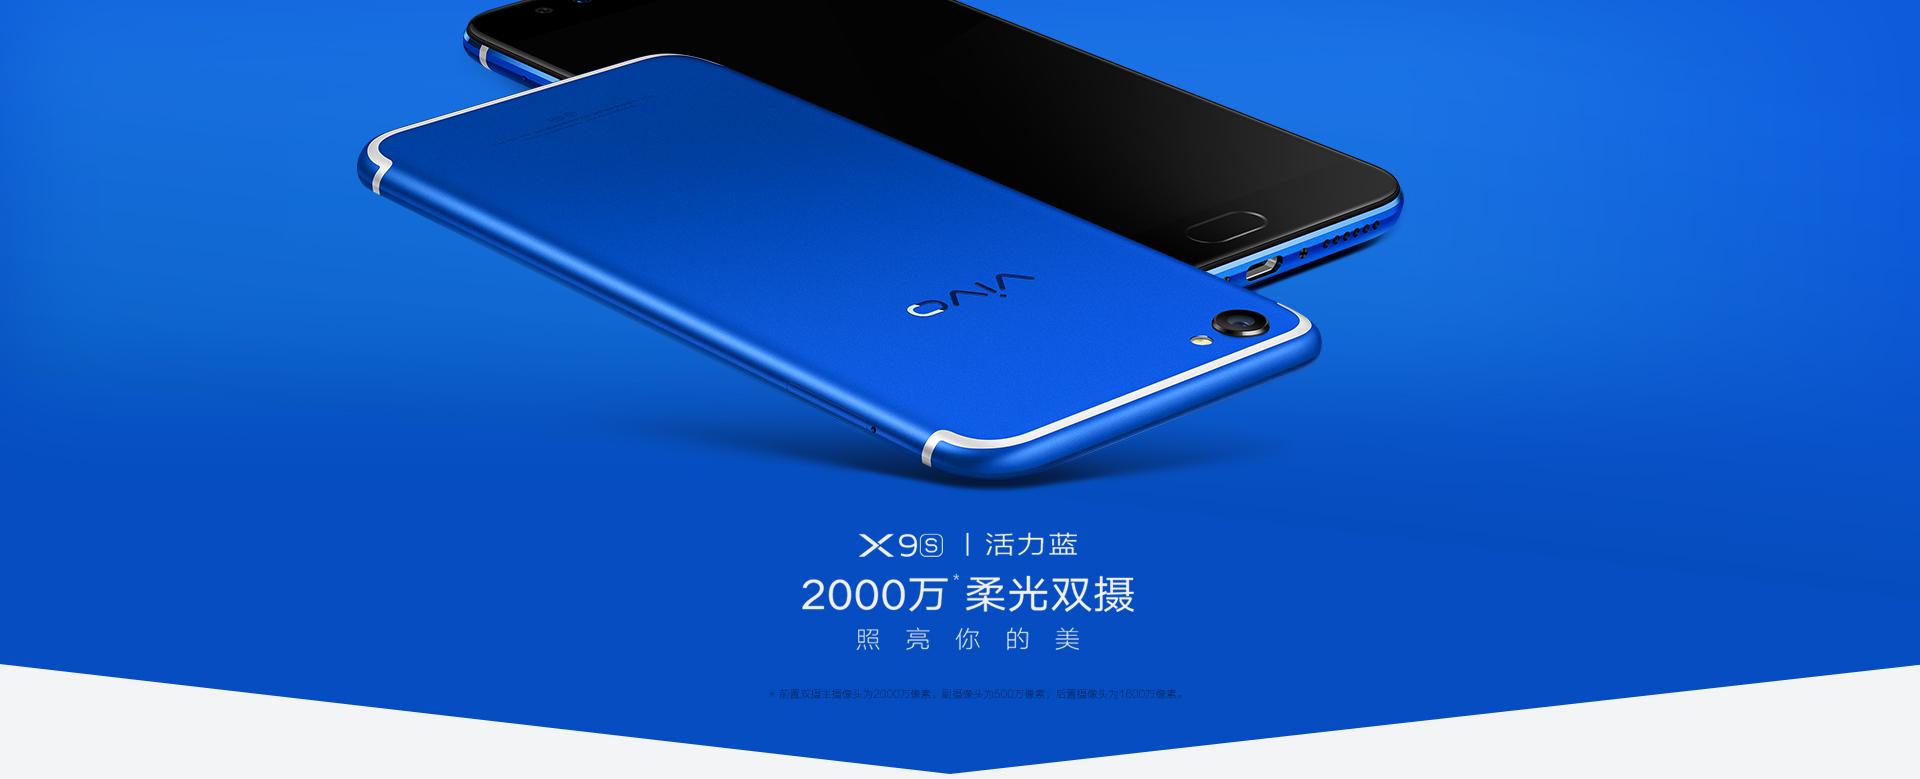 2698元:vivo X9s活力蓝配色新机上市